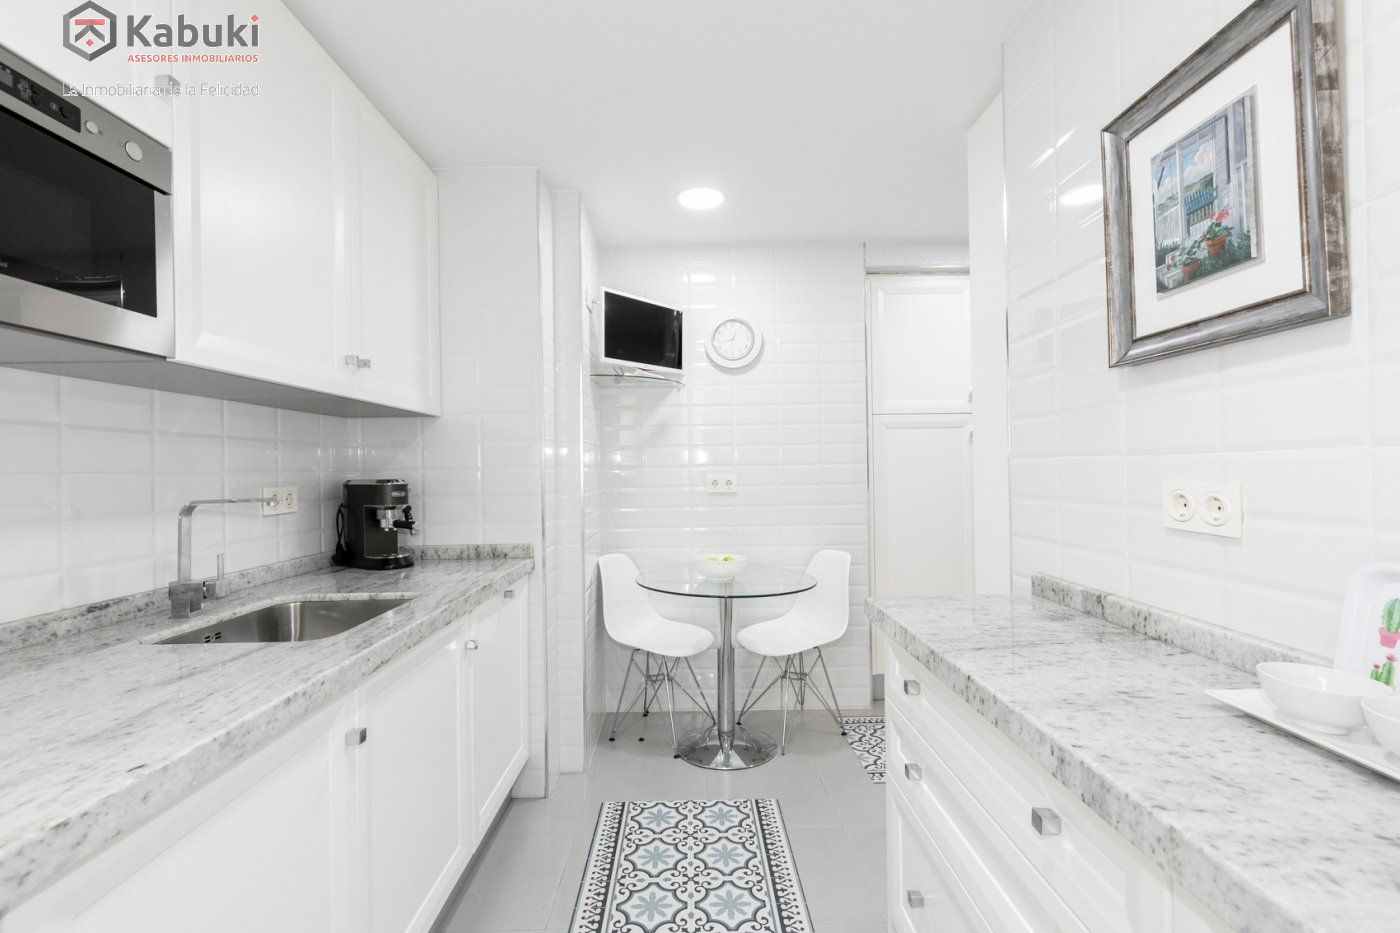 Magnífico piso en zona de recogidas, espacioso y luminoso en planta alta. - imagenInmueble3